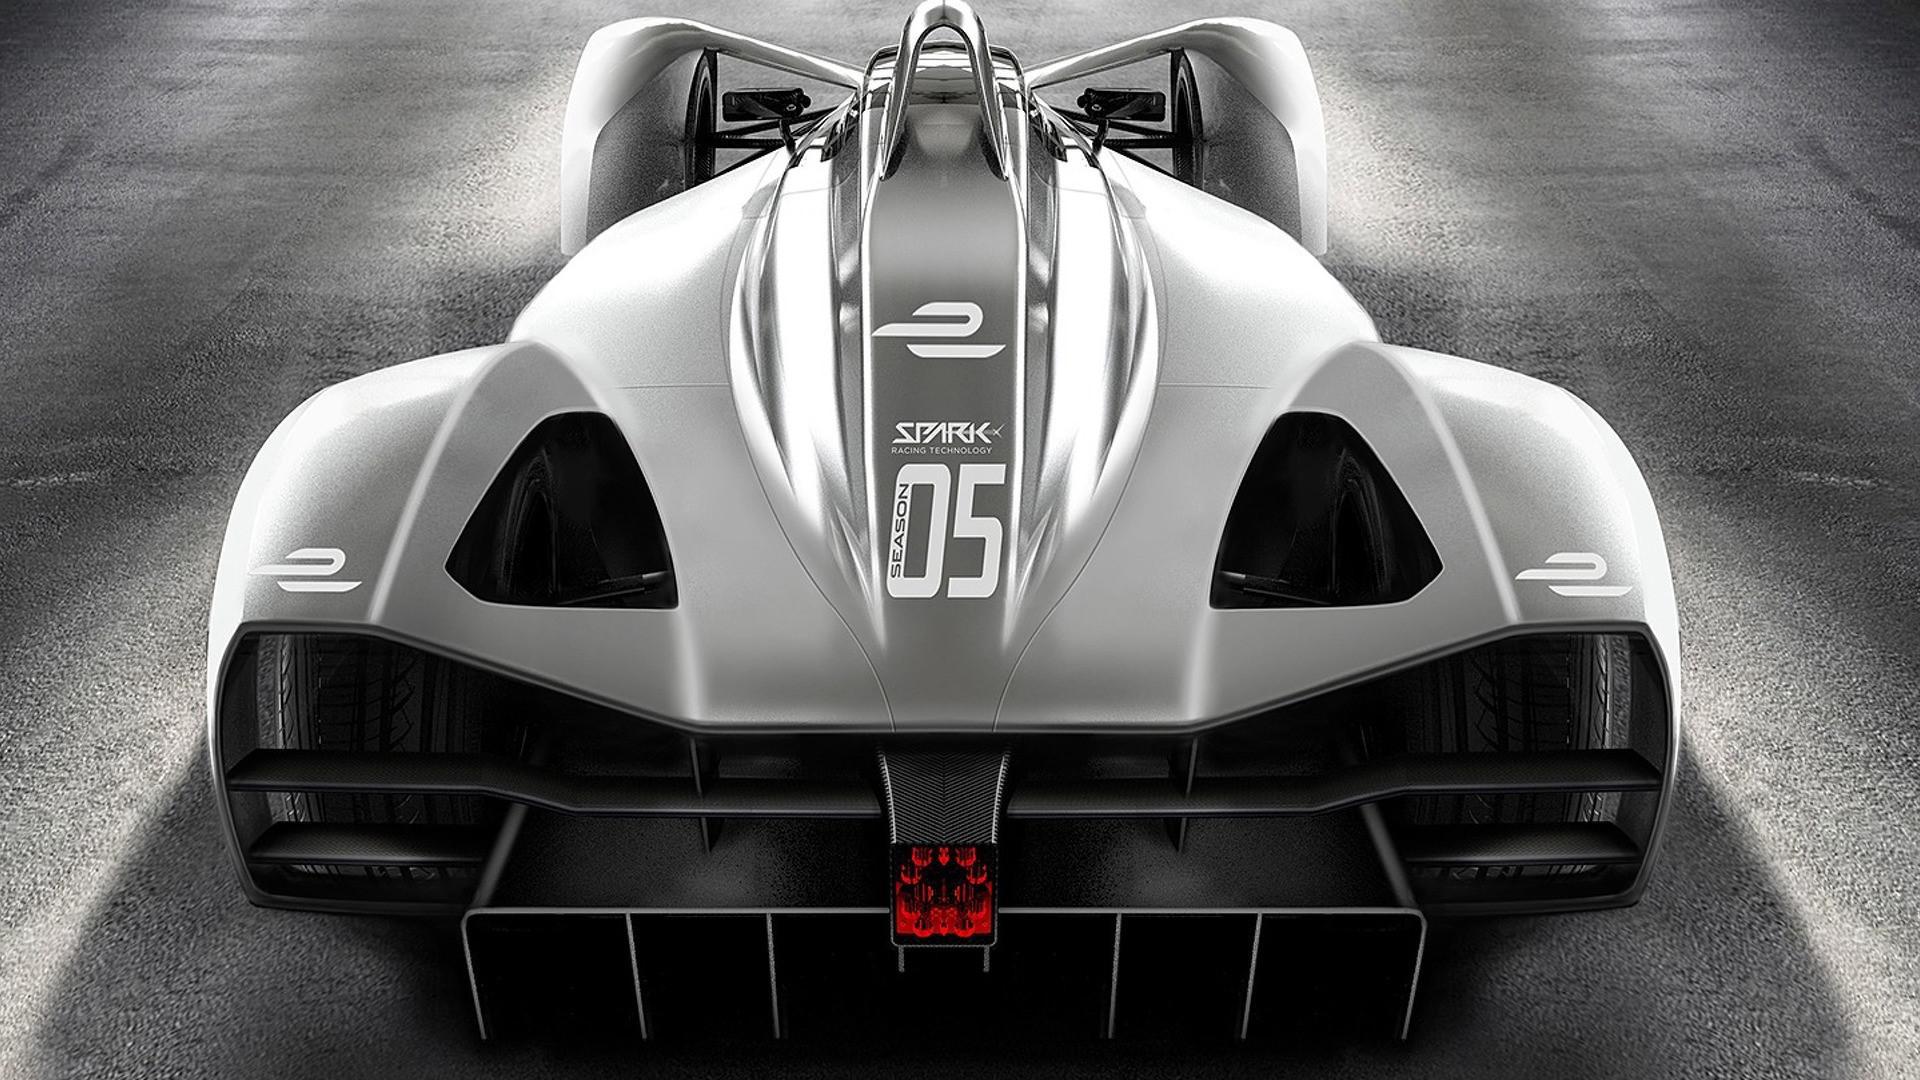 spark-formule-3-un-concept-qui-annonce-le-sport-automobile-du-futur-235-3.jpg